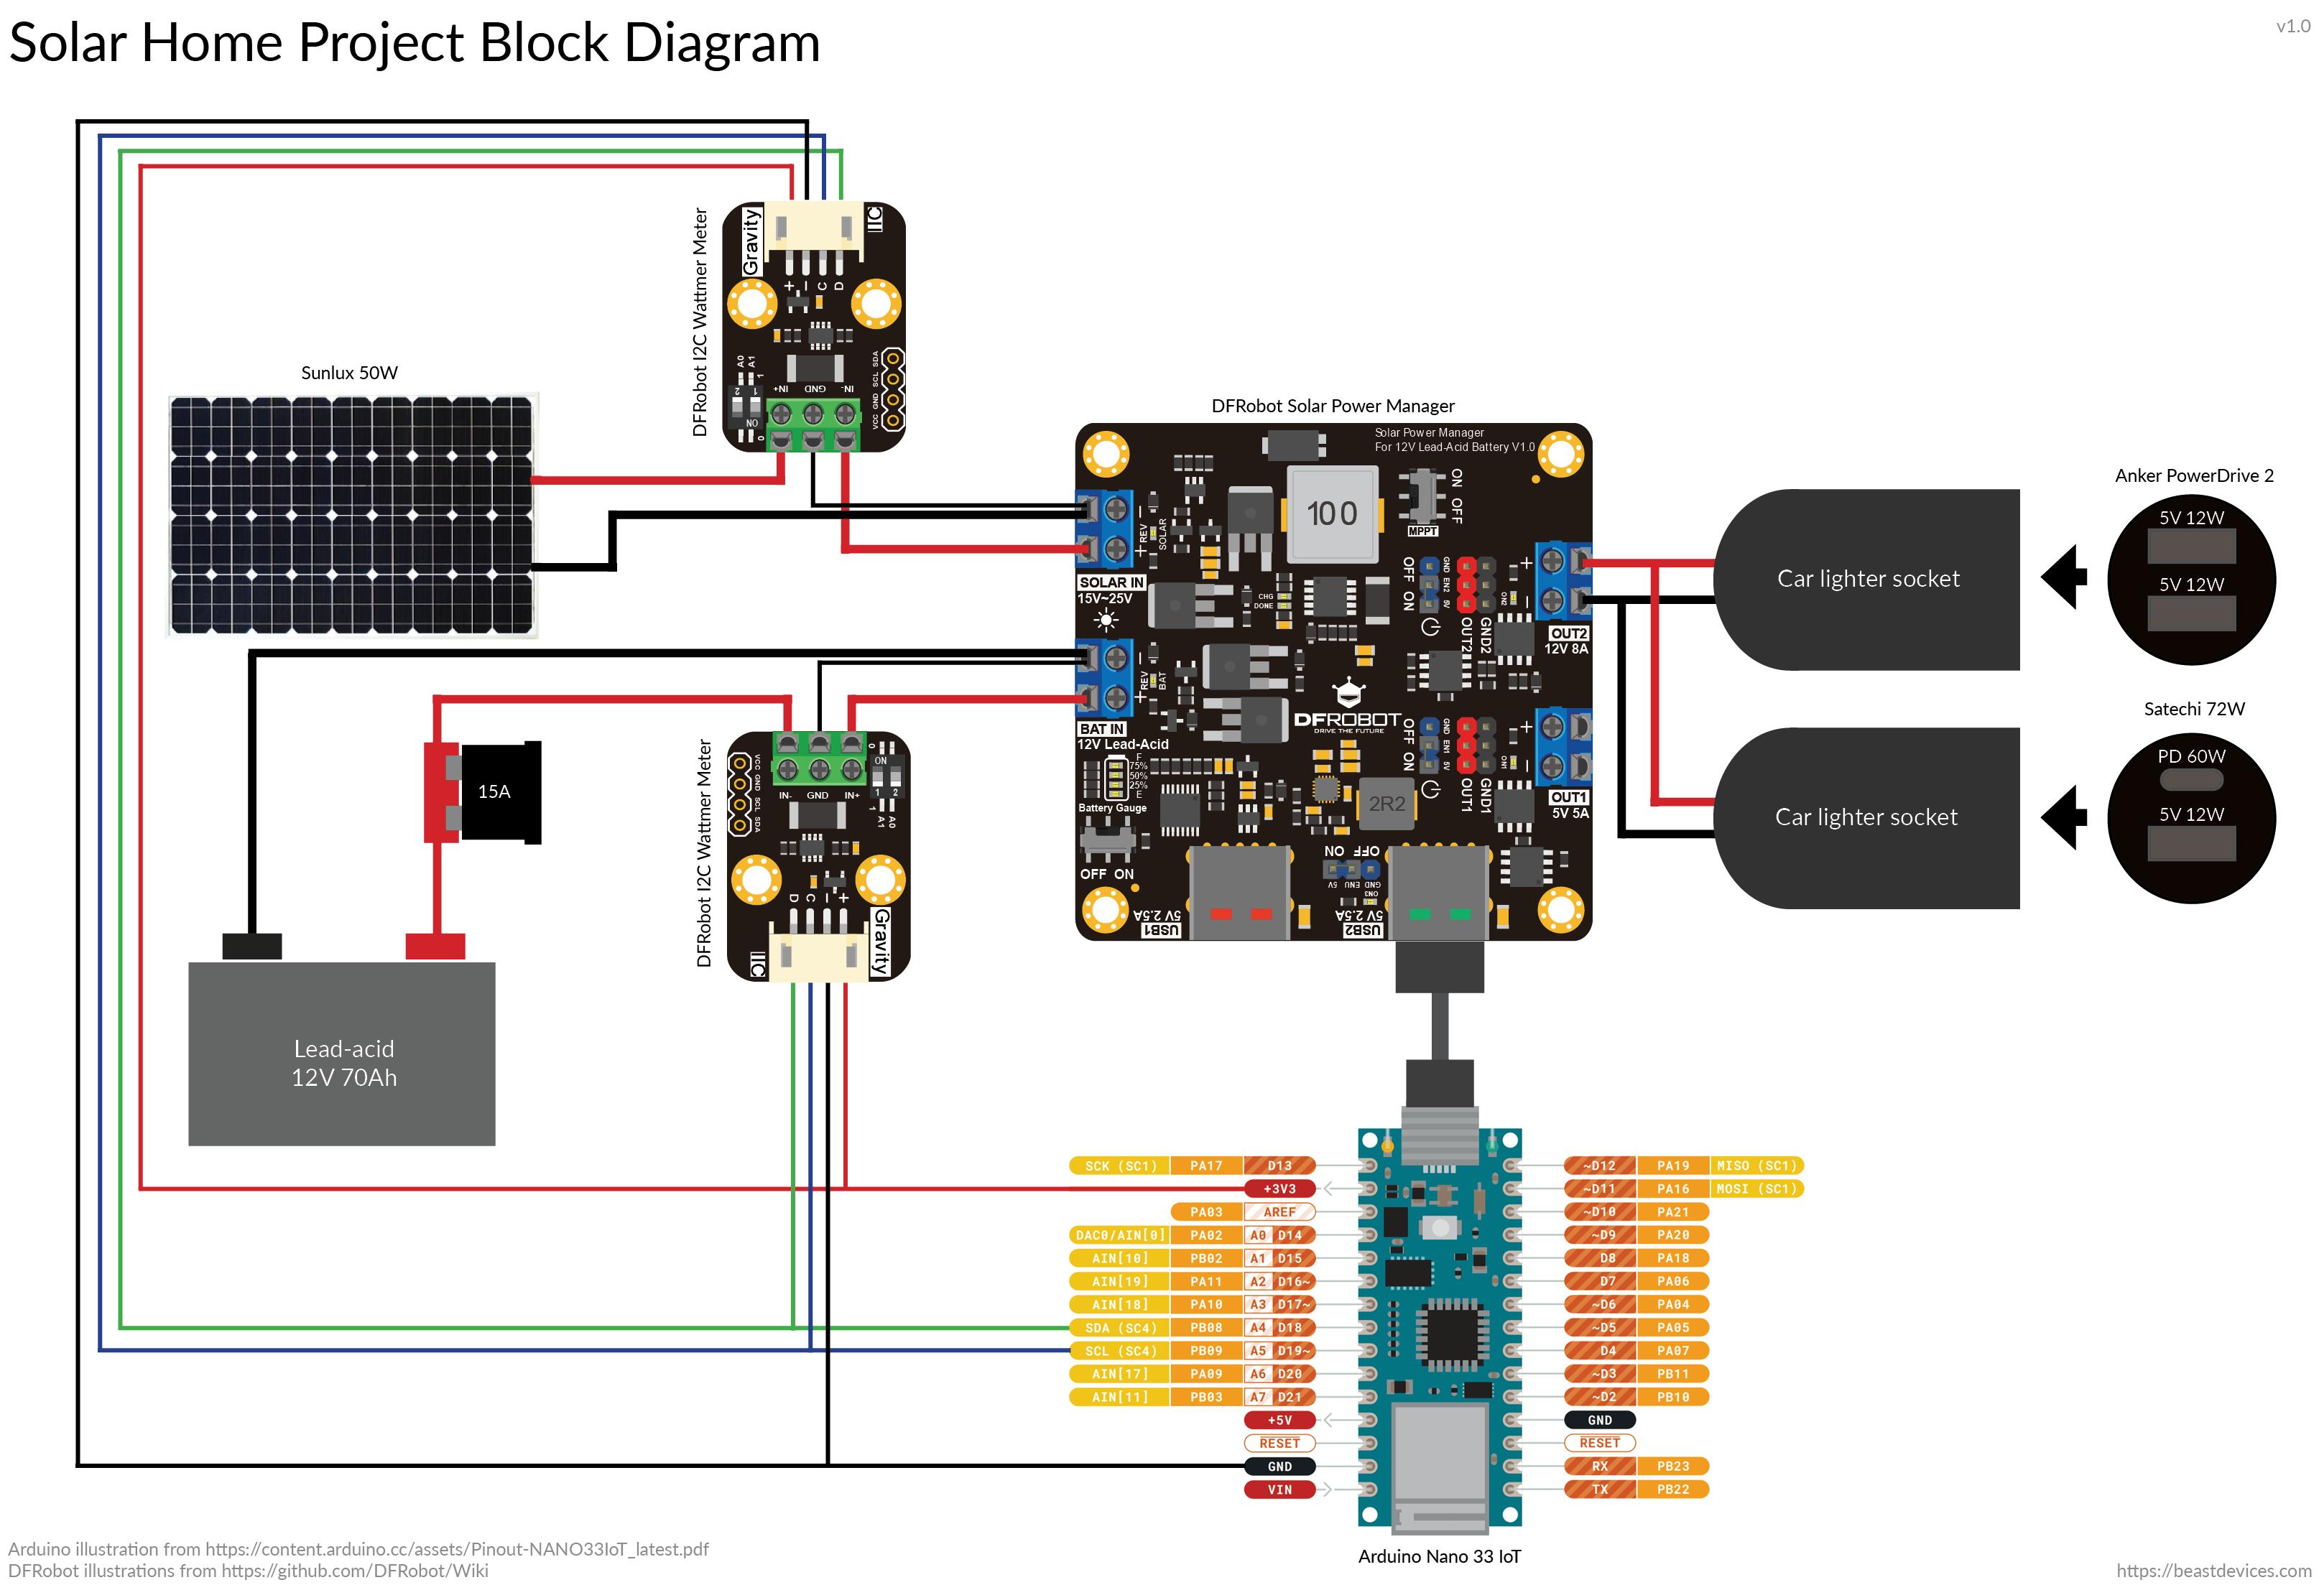 Solar home project block diagram.